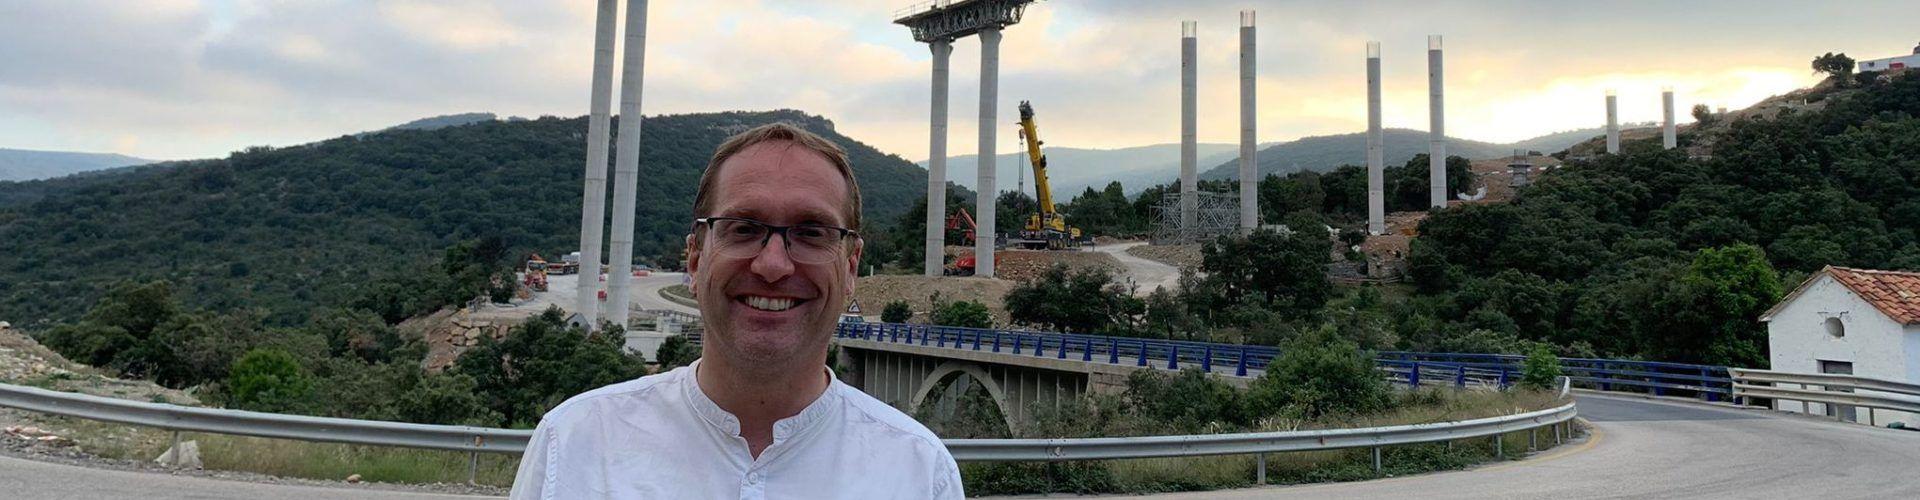 Blanch (PSPV-PSOE) destaca l'avanç del viaducte de la N-232 com un pas més per la vertebració territorial de les comarques de Els Ports i el Maestrat